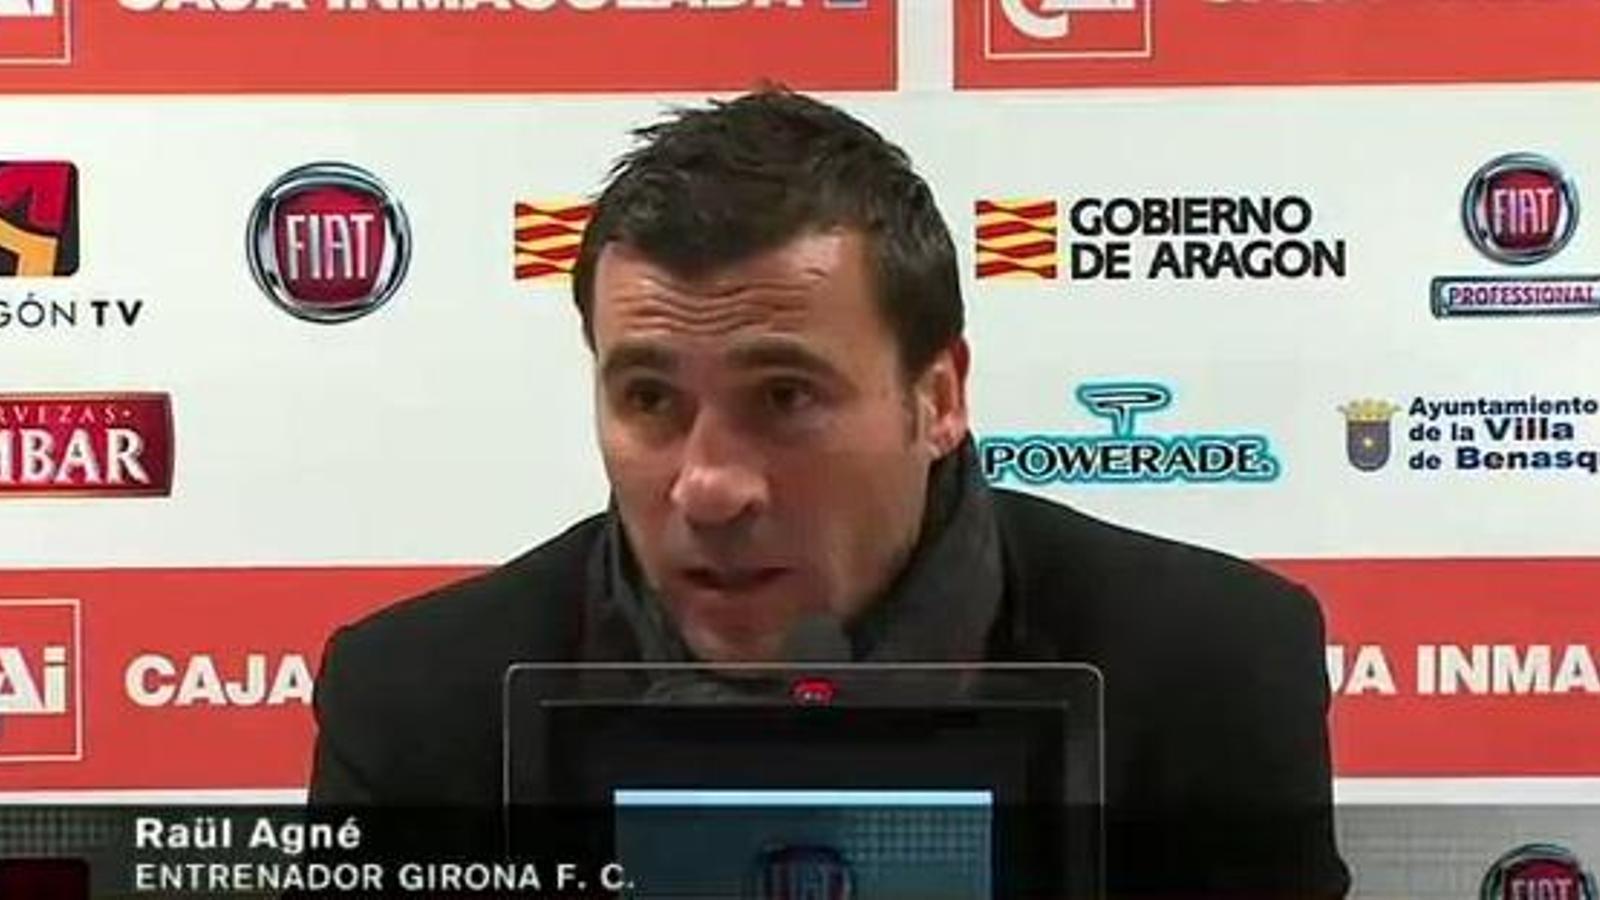 L'entrenador del Girona, Raül Agné, durant la roda de premsa que va deixar a mitges perquè no el deixaven parlar en català